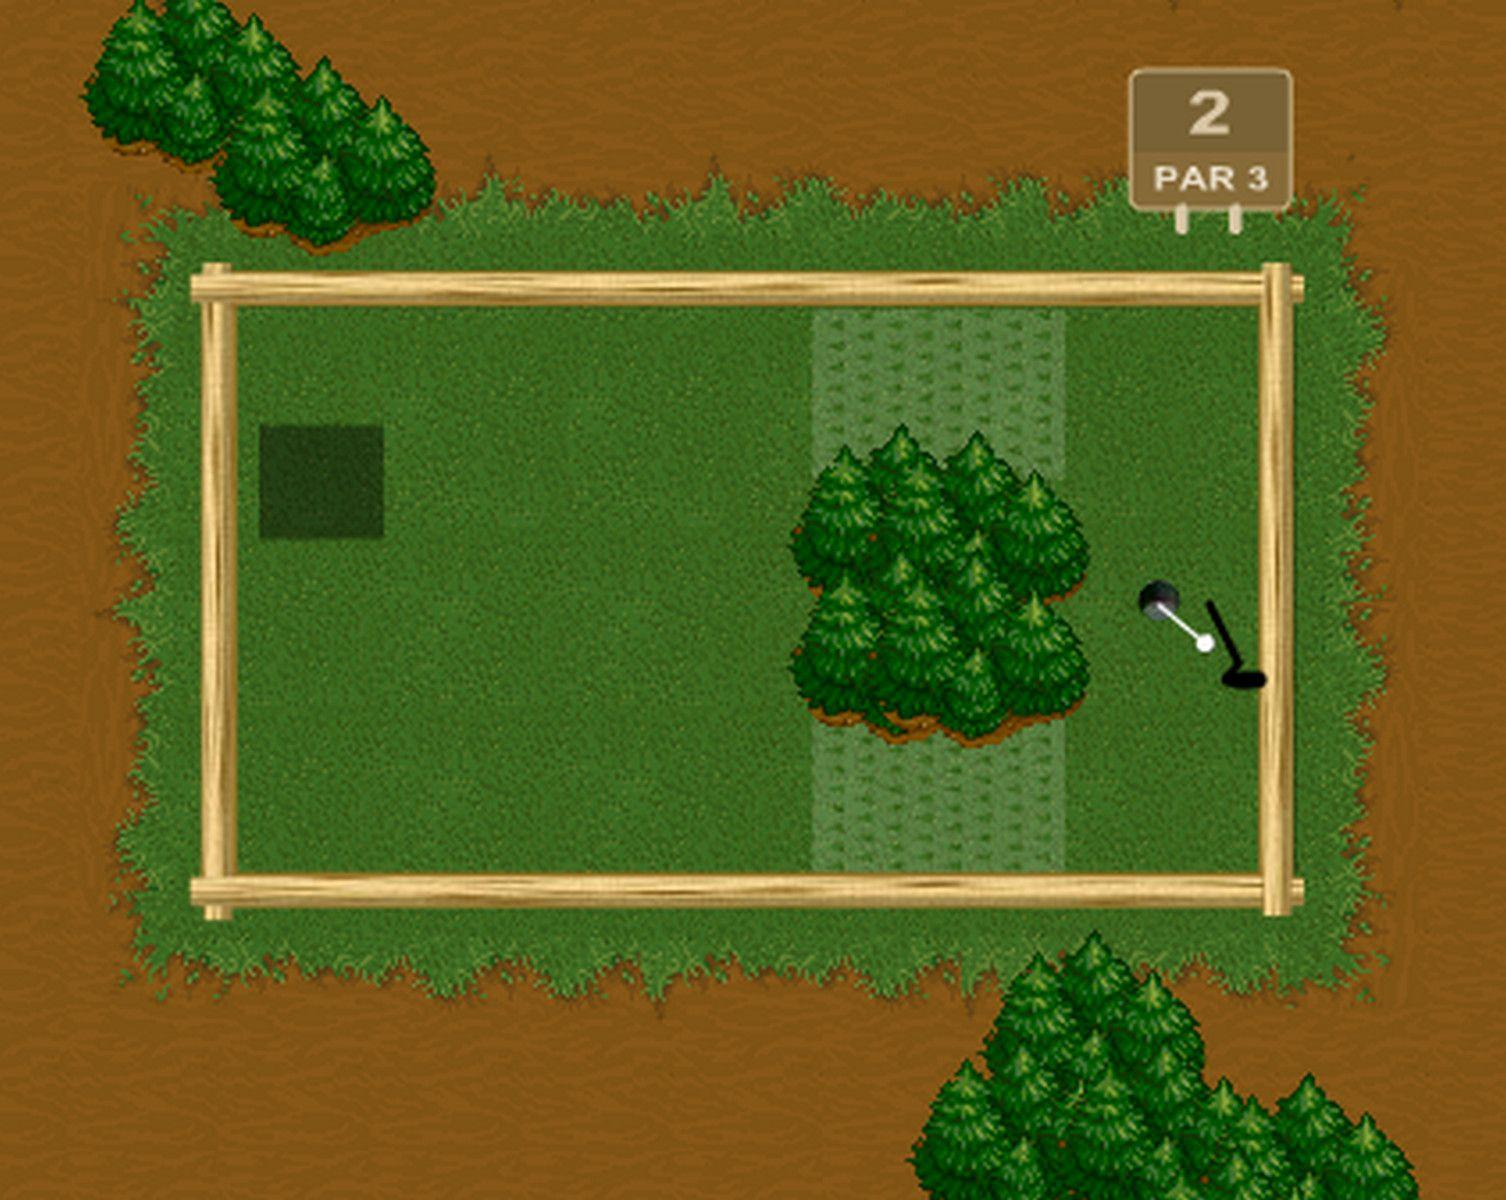 Forest Golf Challenge 2 Fun online games, Free online